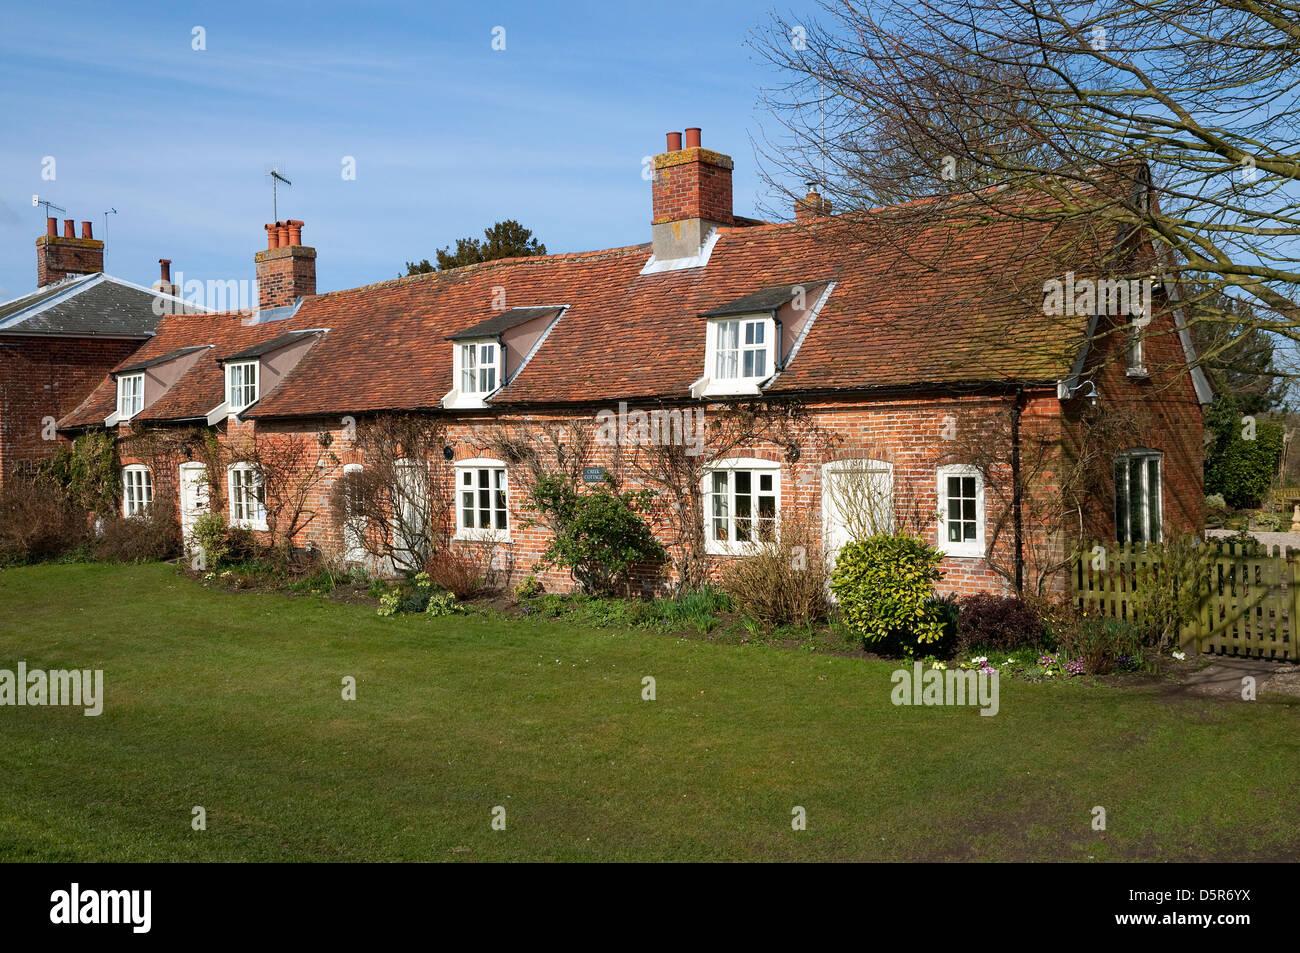 Fila di case rustiche orford suffolk inghilterra foto & immagine